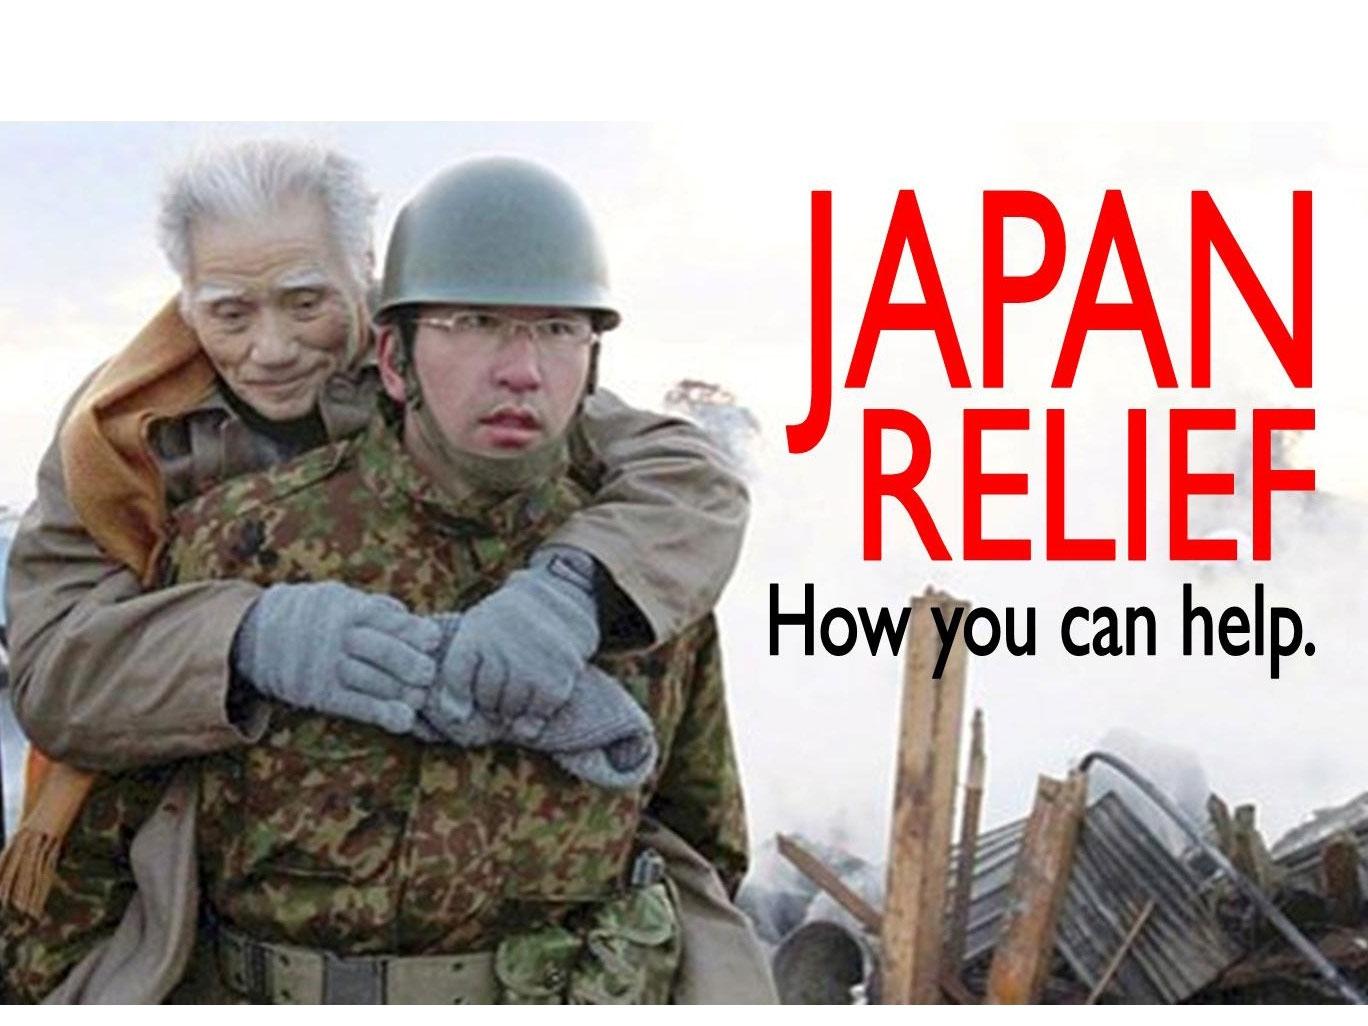 Tinh Thần Và Nghị Lực Của Người Dân Nhật Bản Bắt Nguồn Từ đâu